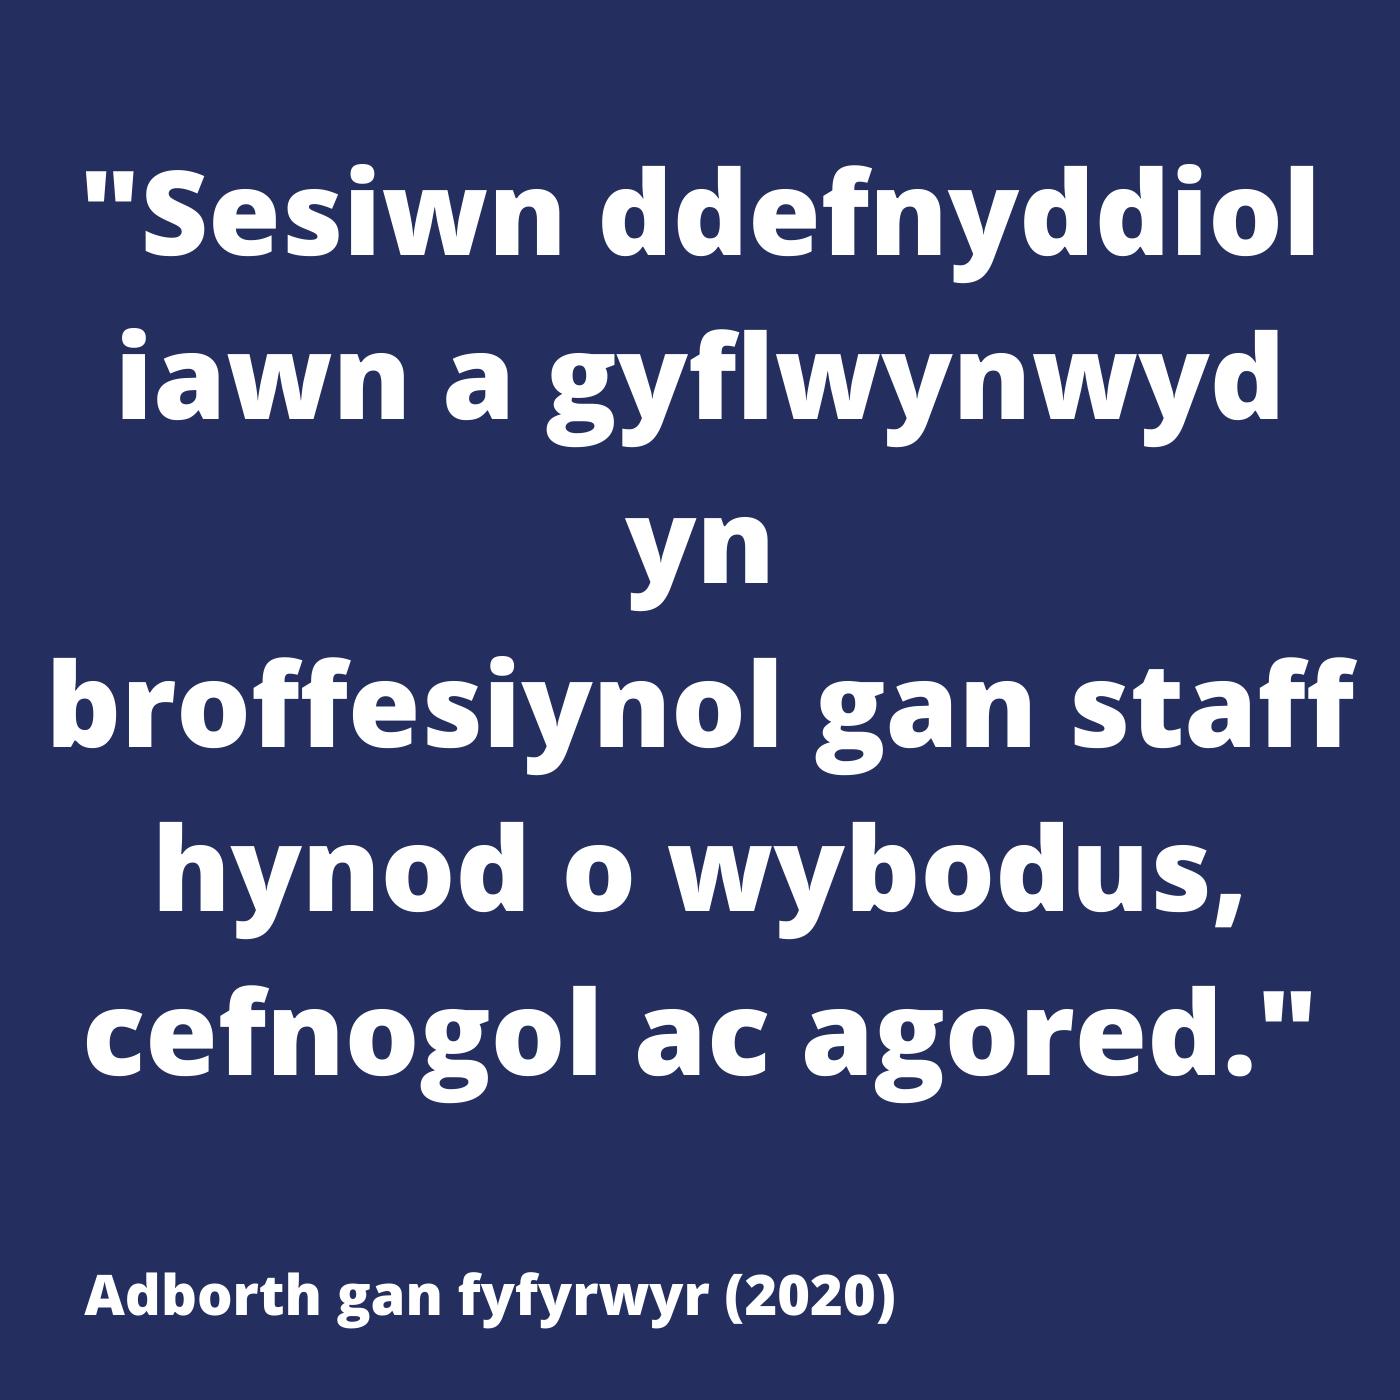 Sesiwn ddefnyddiol iawn a gyflwynwyd yn broffesiynol gan staff hynod o wybodus, cefnogol ac agored.